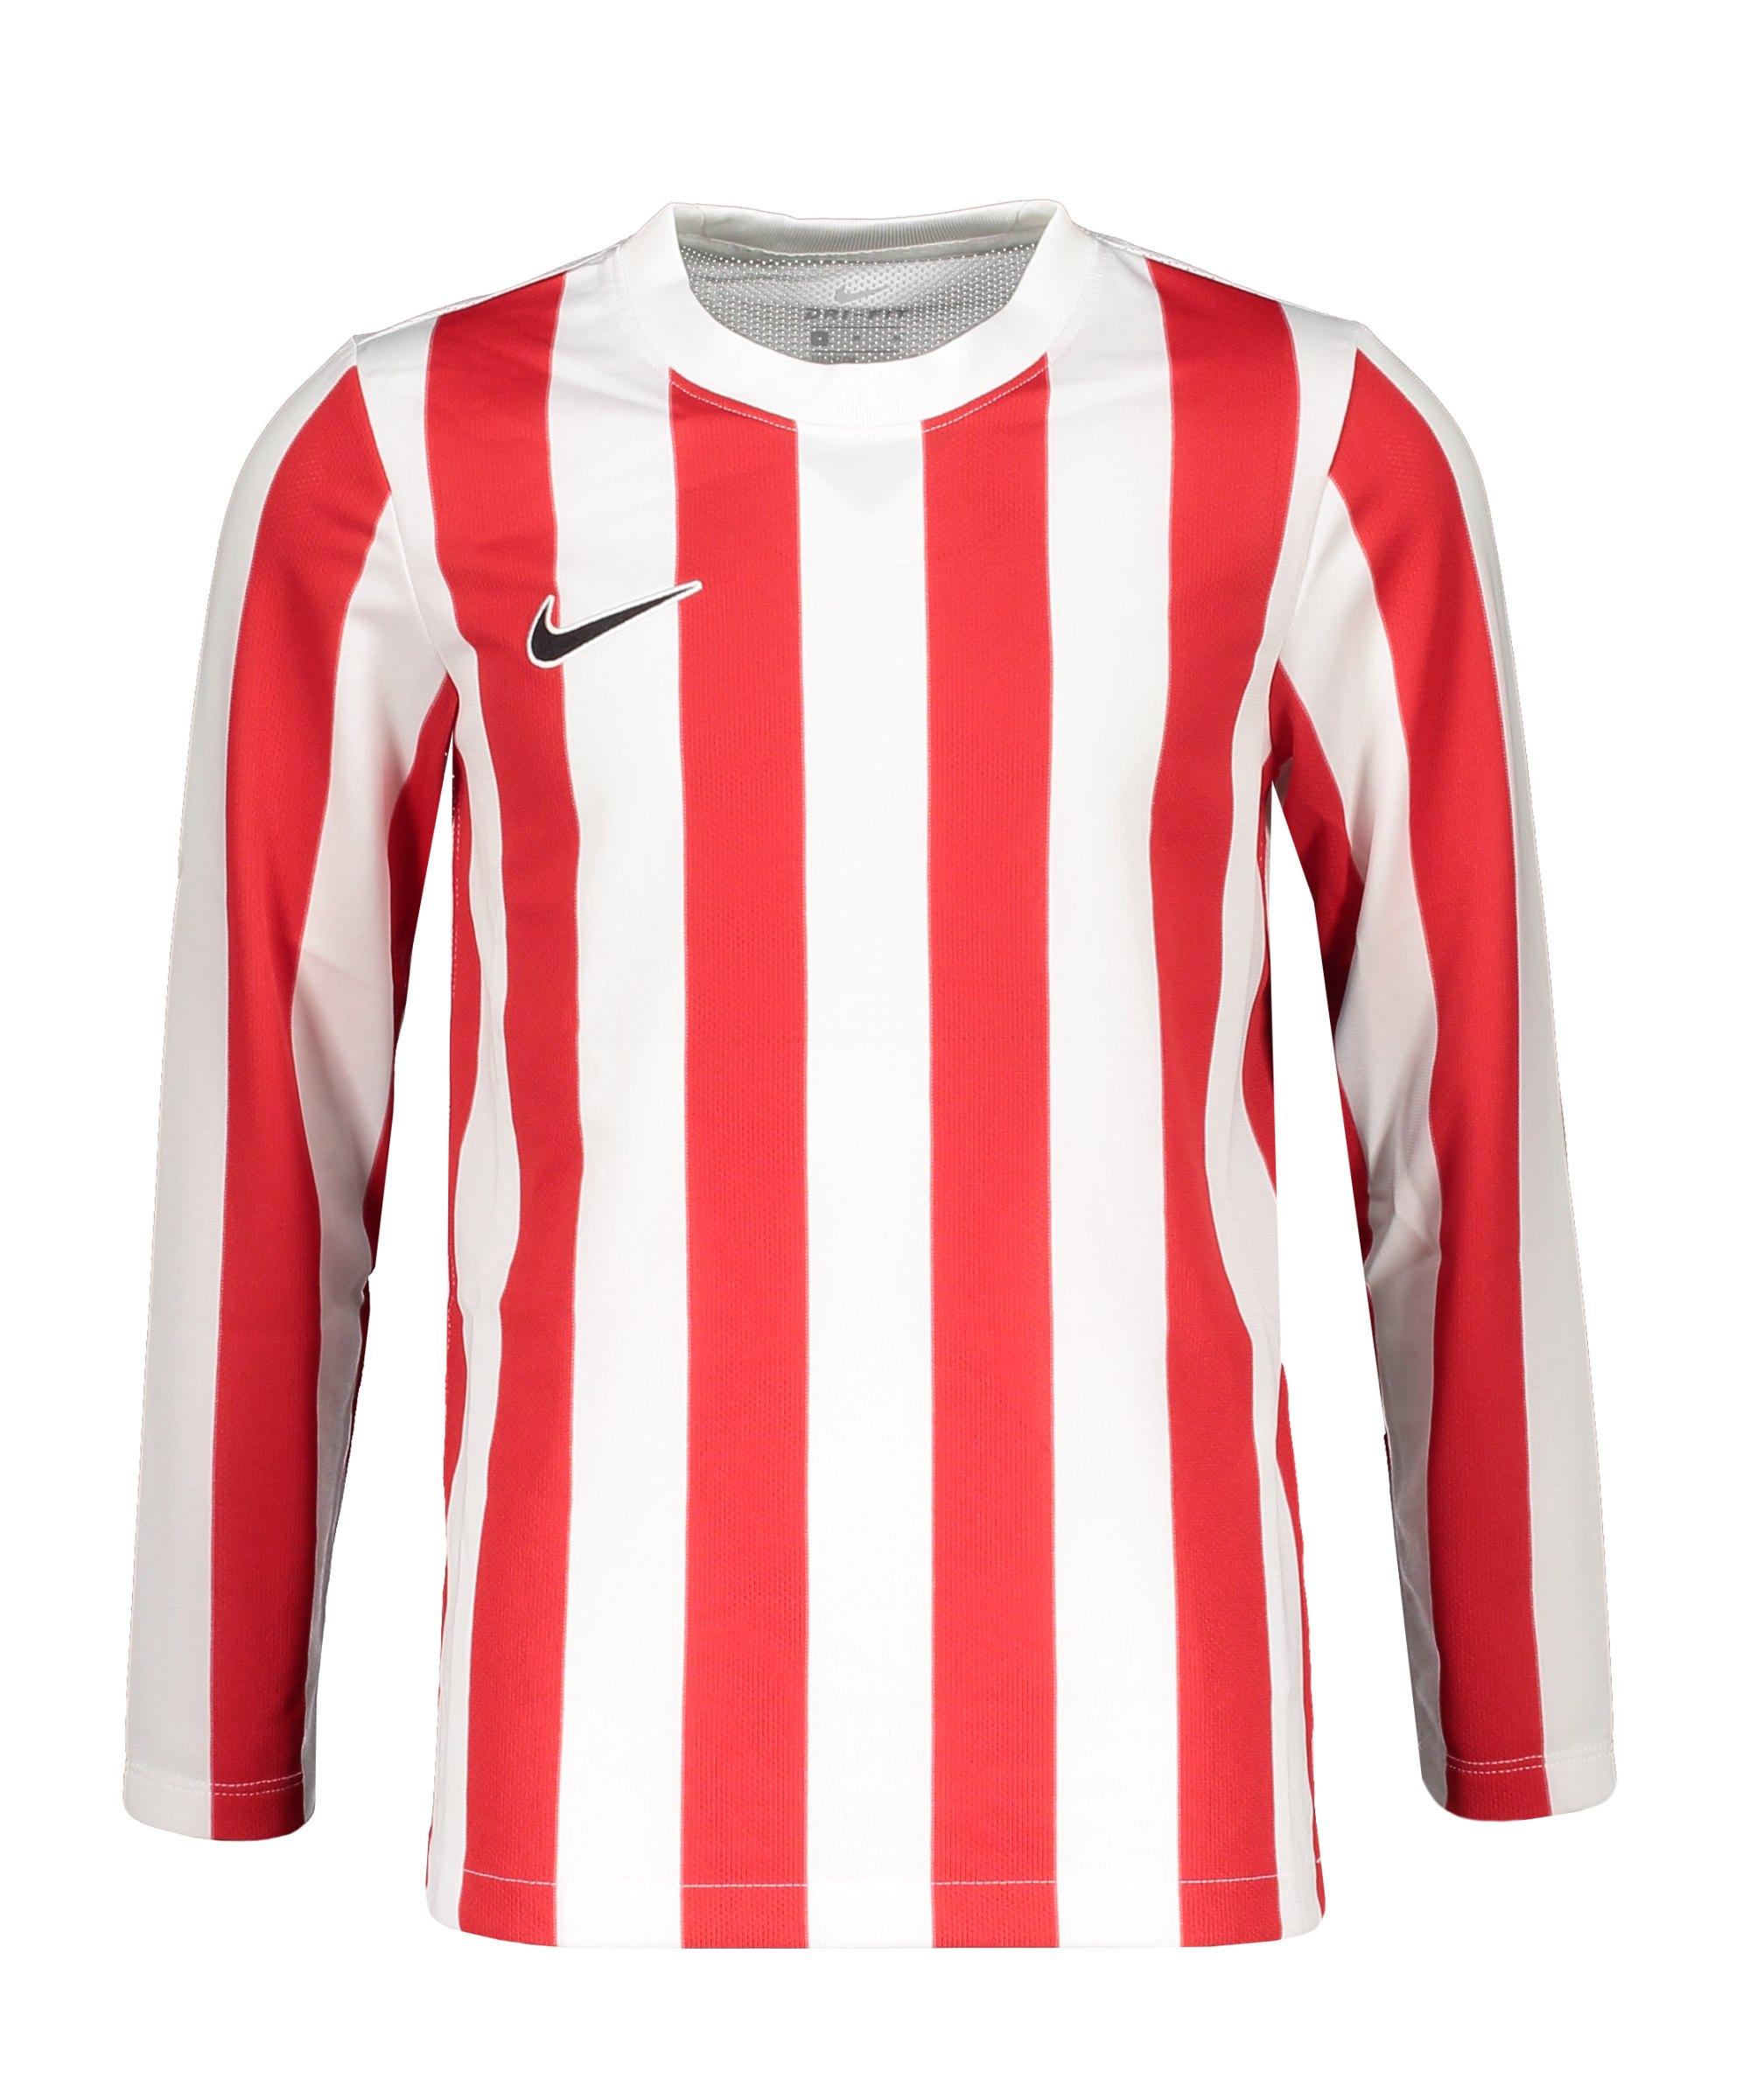 Nike Division IV Striped Trikot langarm Kids F104 - weiss